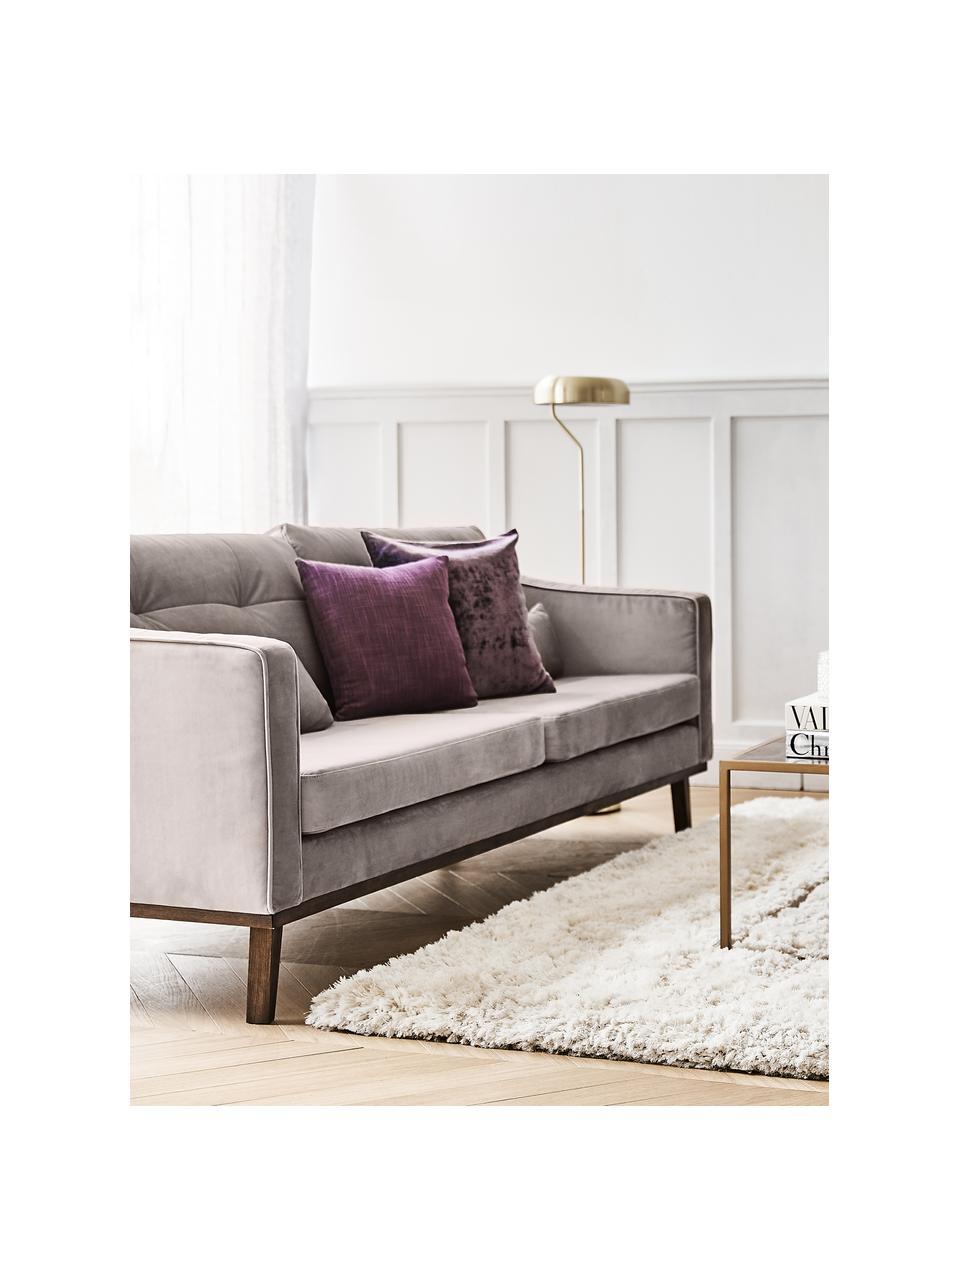 Sofa z aksamitu z nogami z drewna bukowego Alva (3-osobowa), Tapicerka: aksamit (wysokiej jakości, Nogi: lite drewno bukowe, barwi, Aksamitny taupe, S 215 x G 92 cm